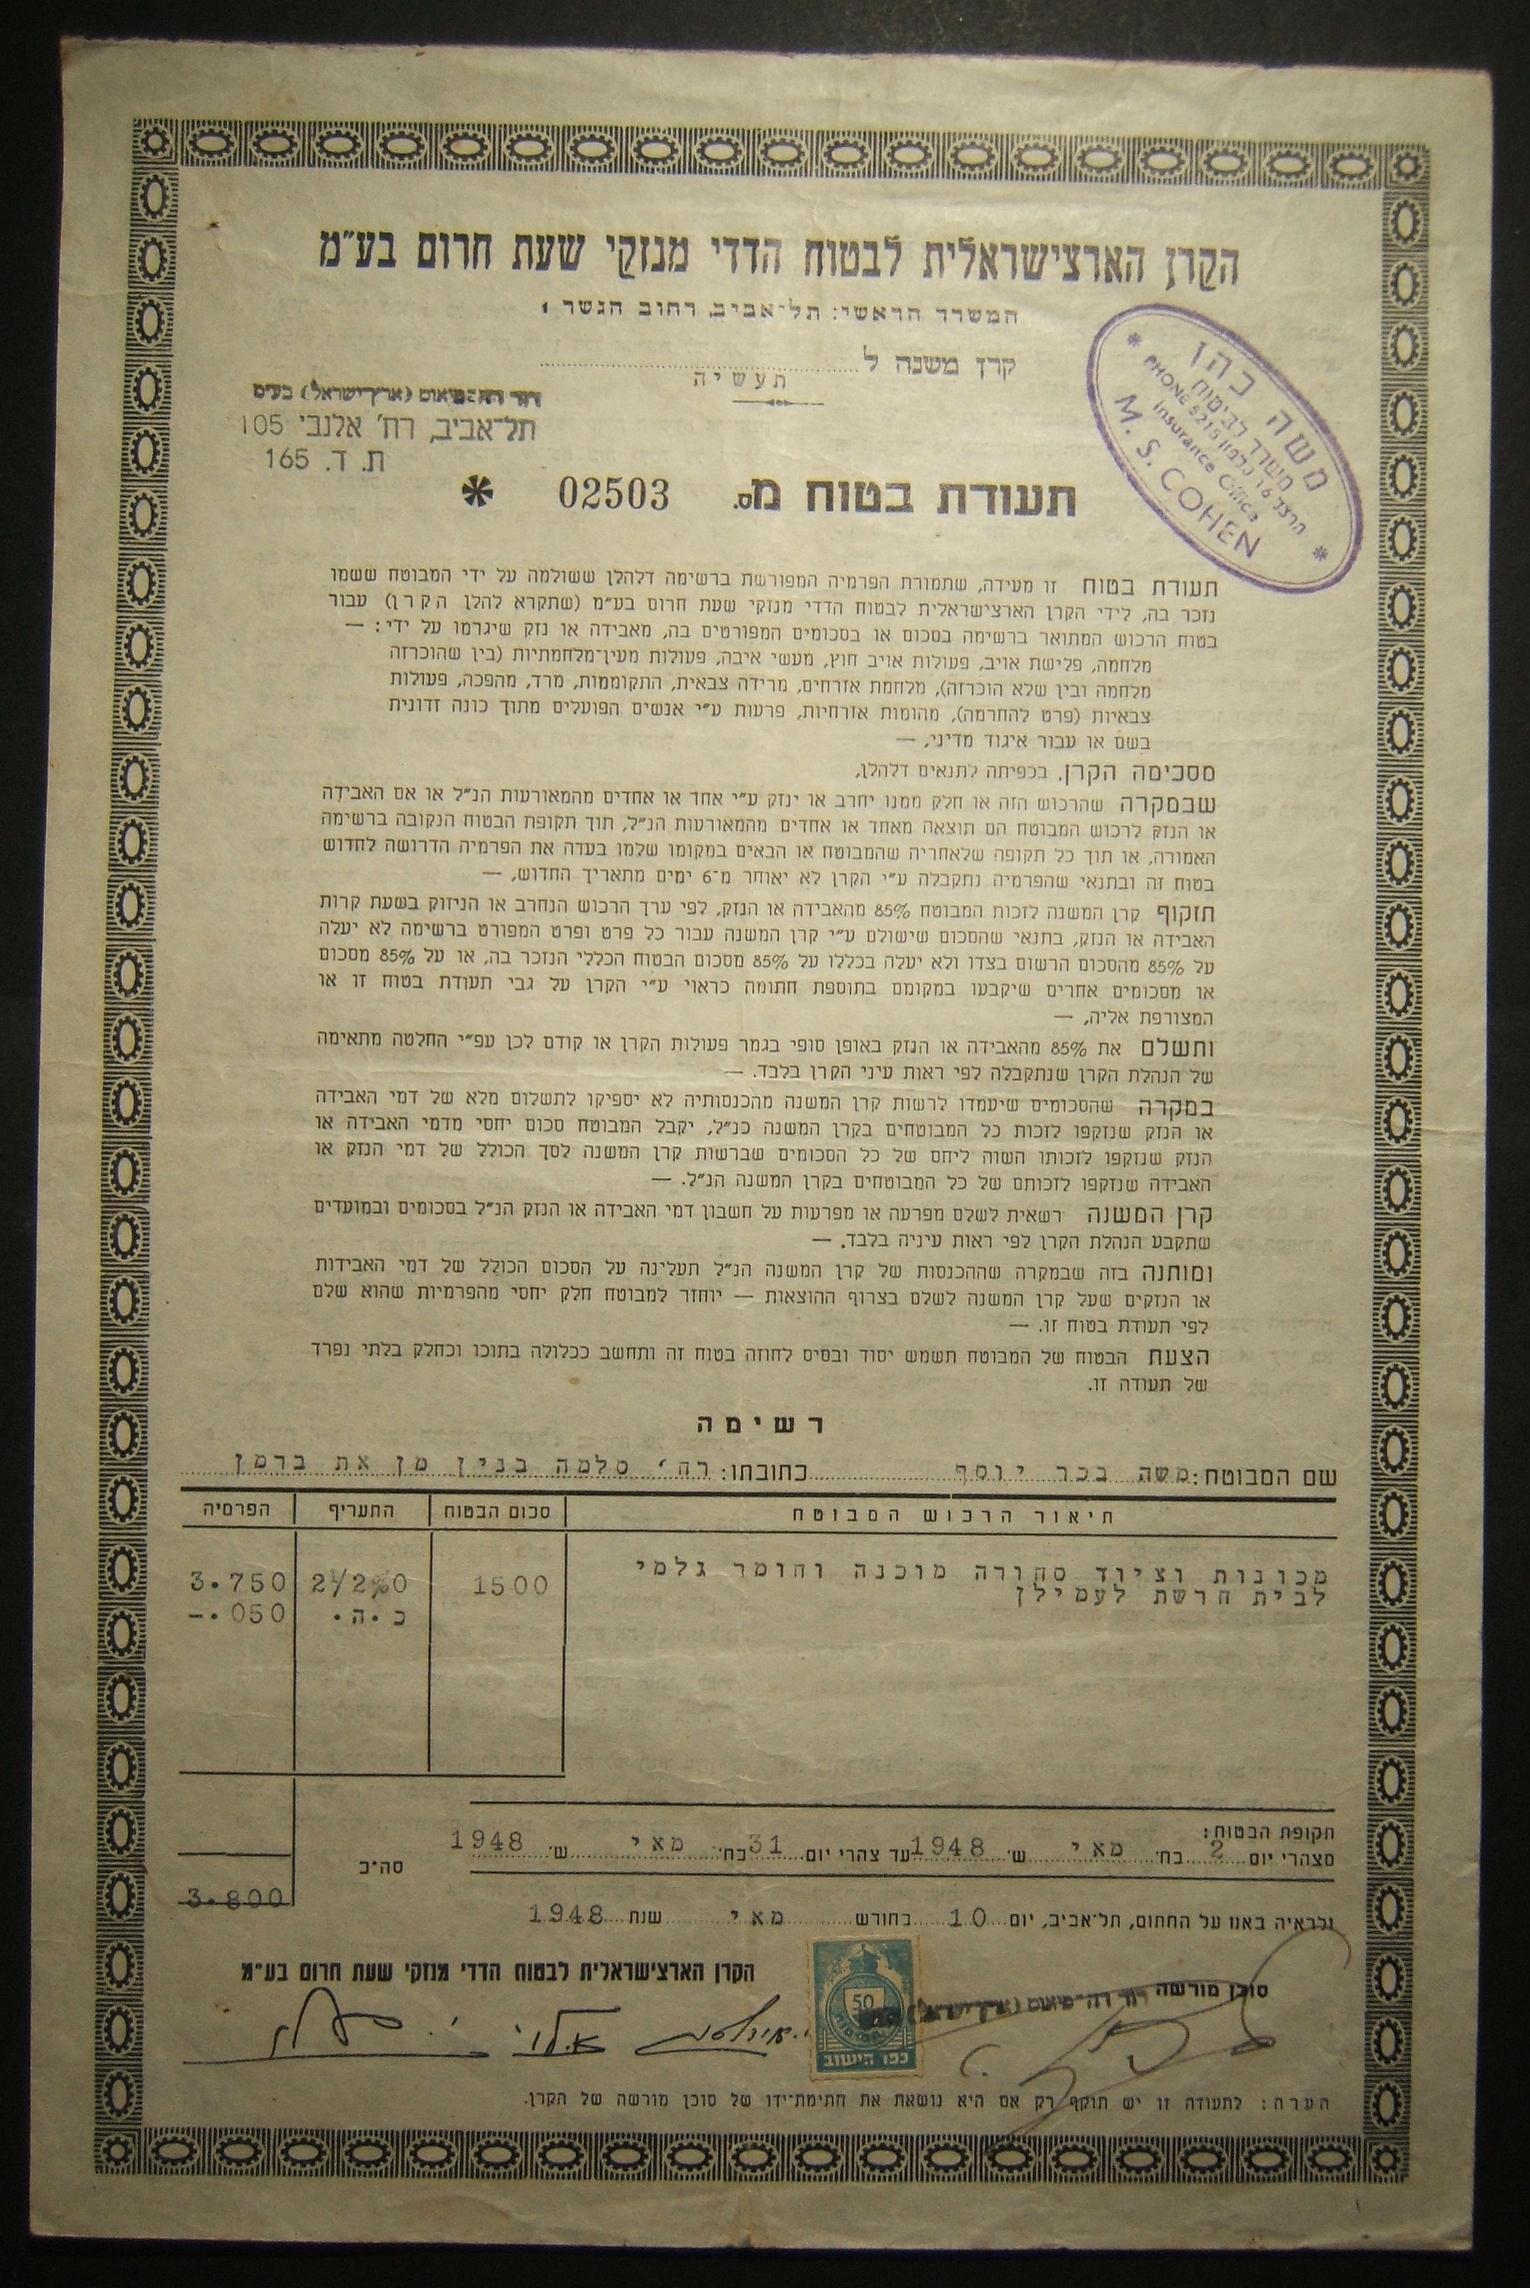 10 مايو 1948 تسمية الفترة المؤقتة Kofer HaYishuv على وثيقة تأمين في زمن الحرب